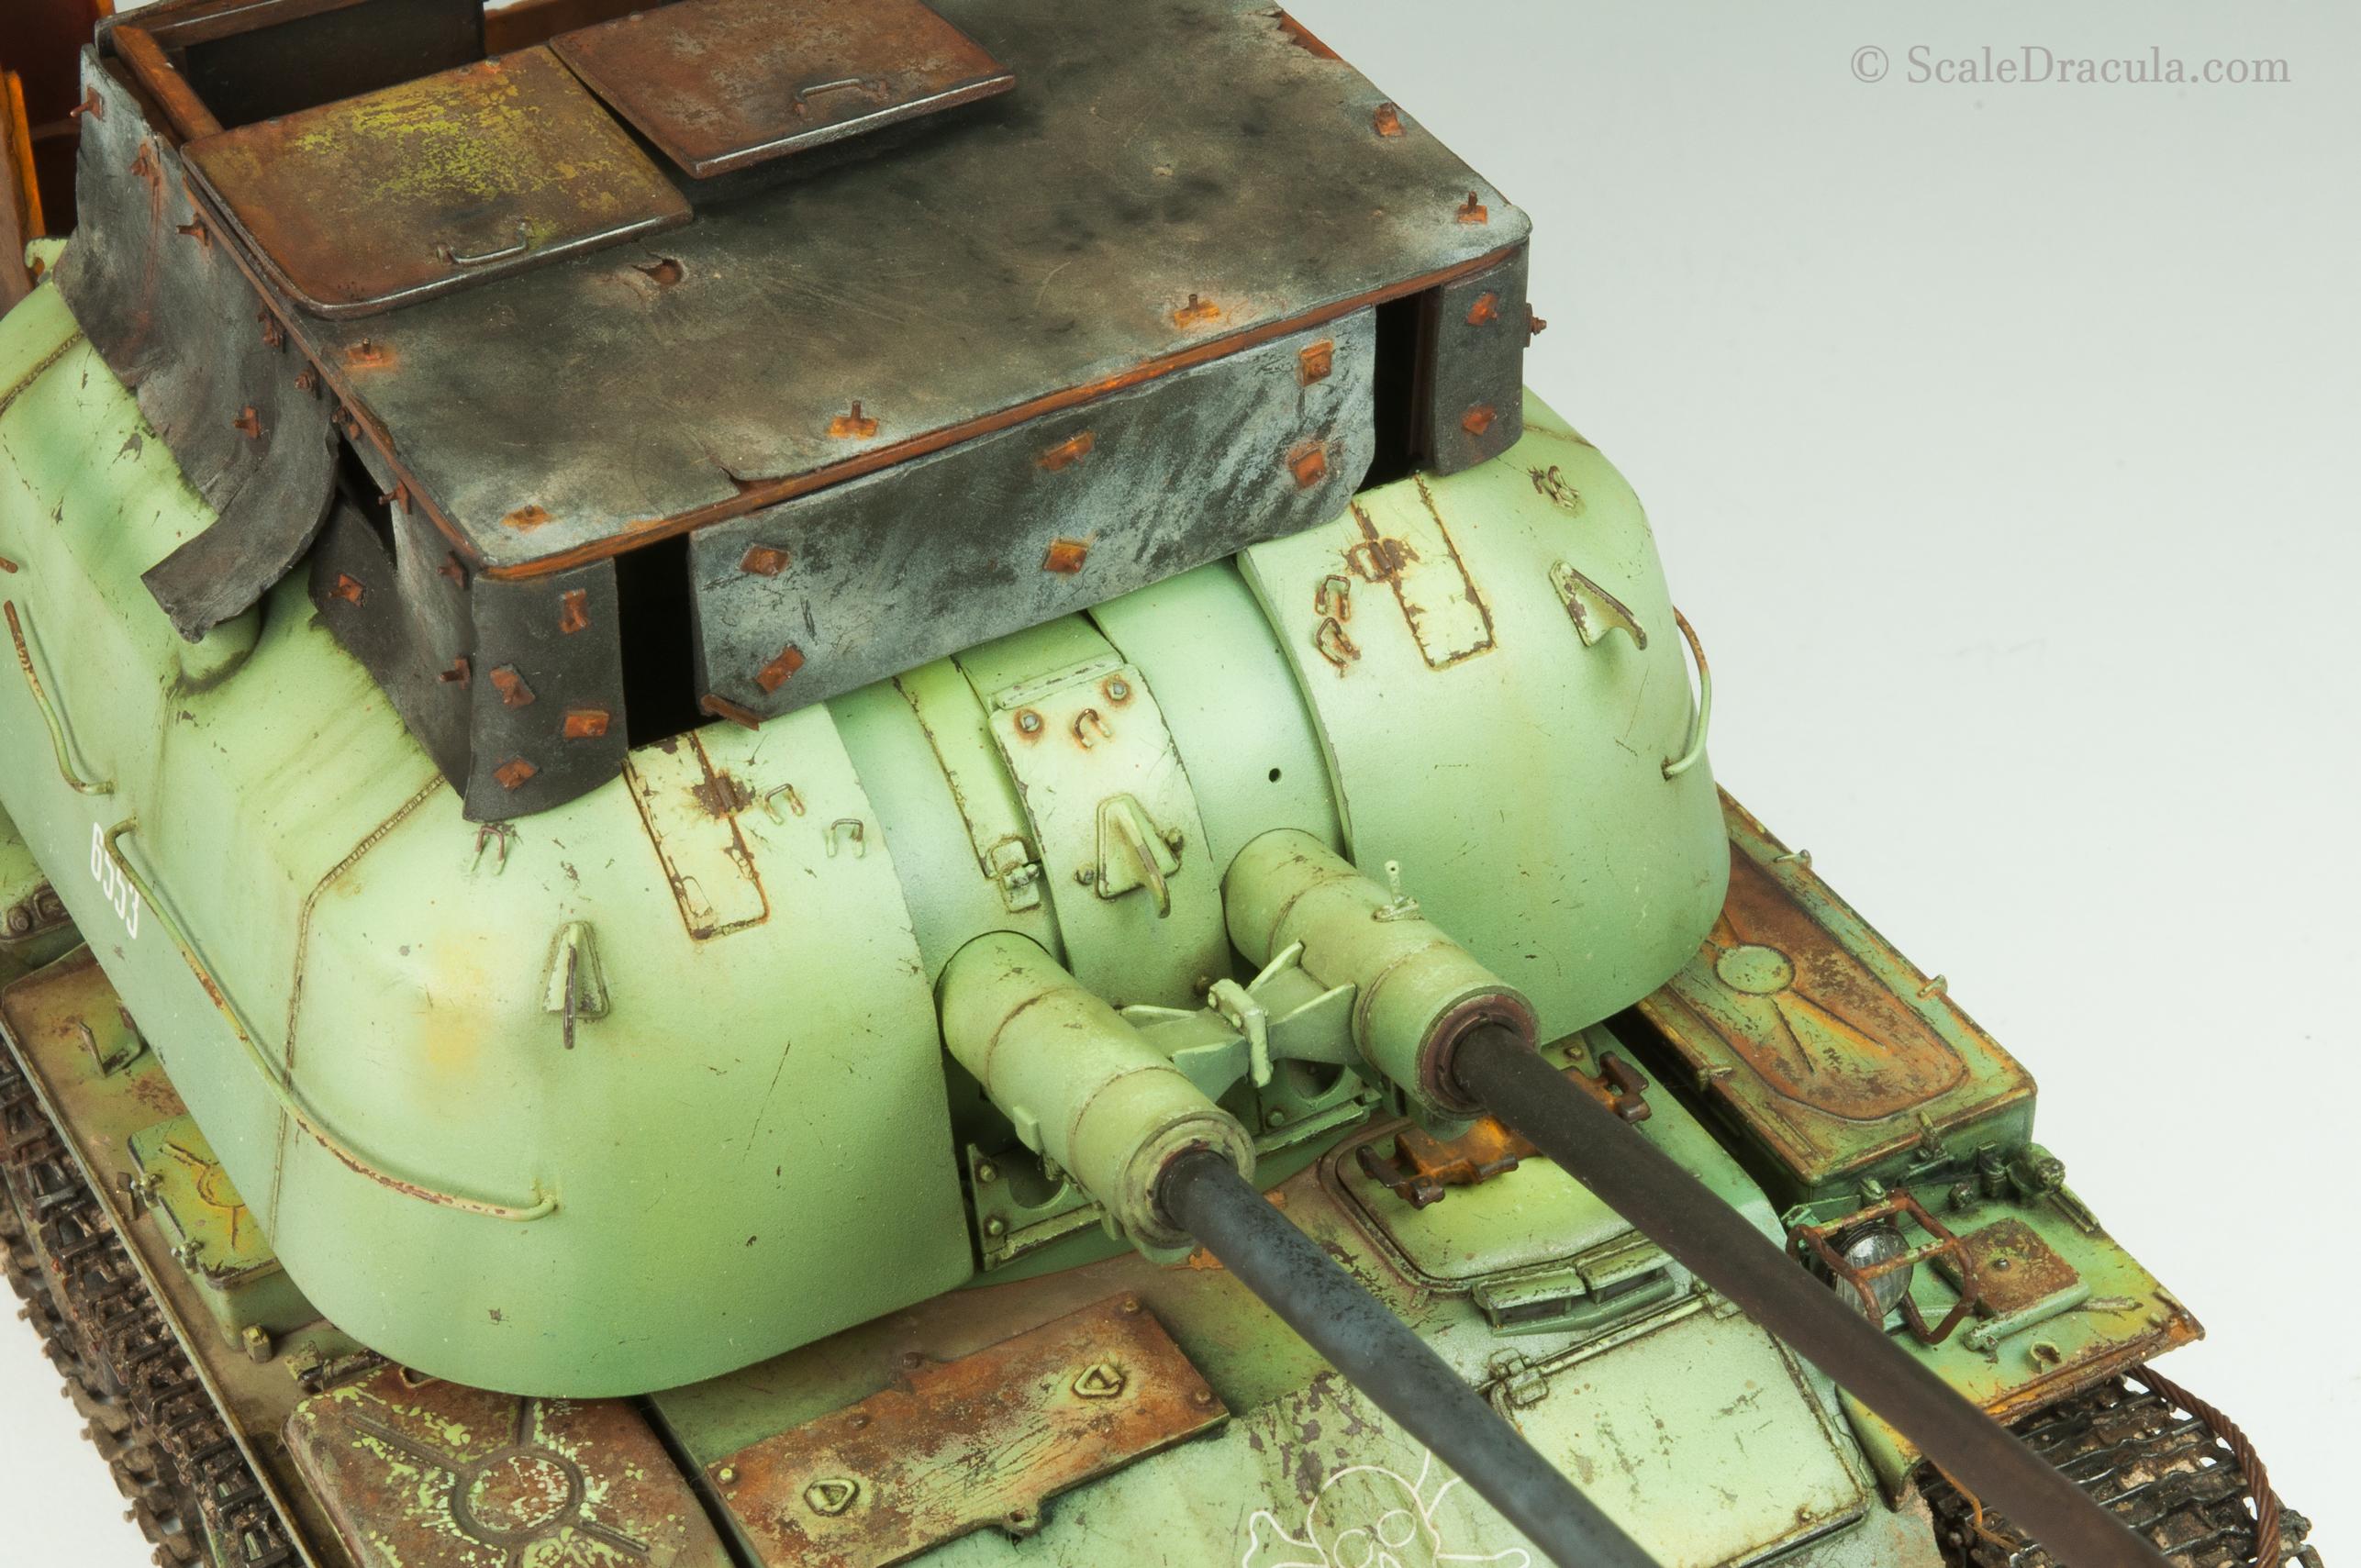 ZSU-57-2 by TAKOM, final gallery